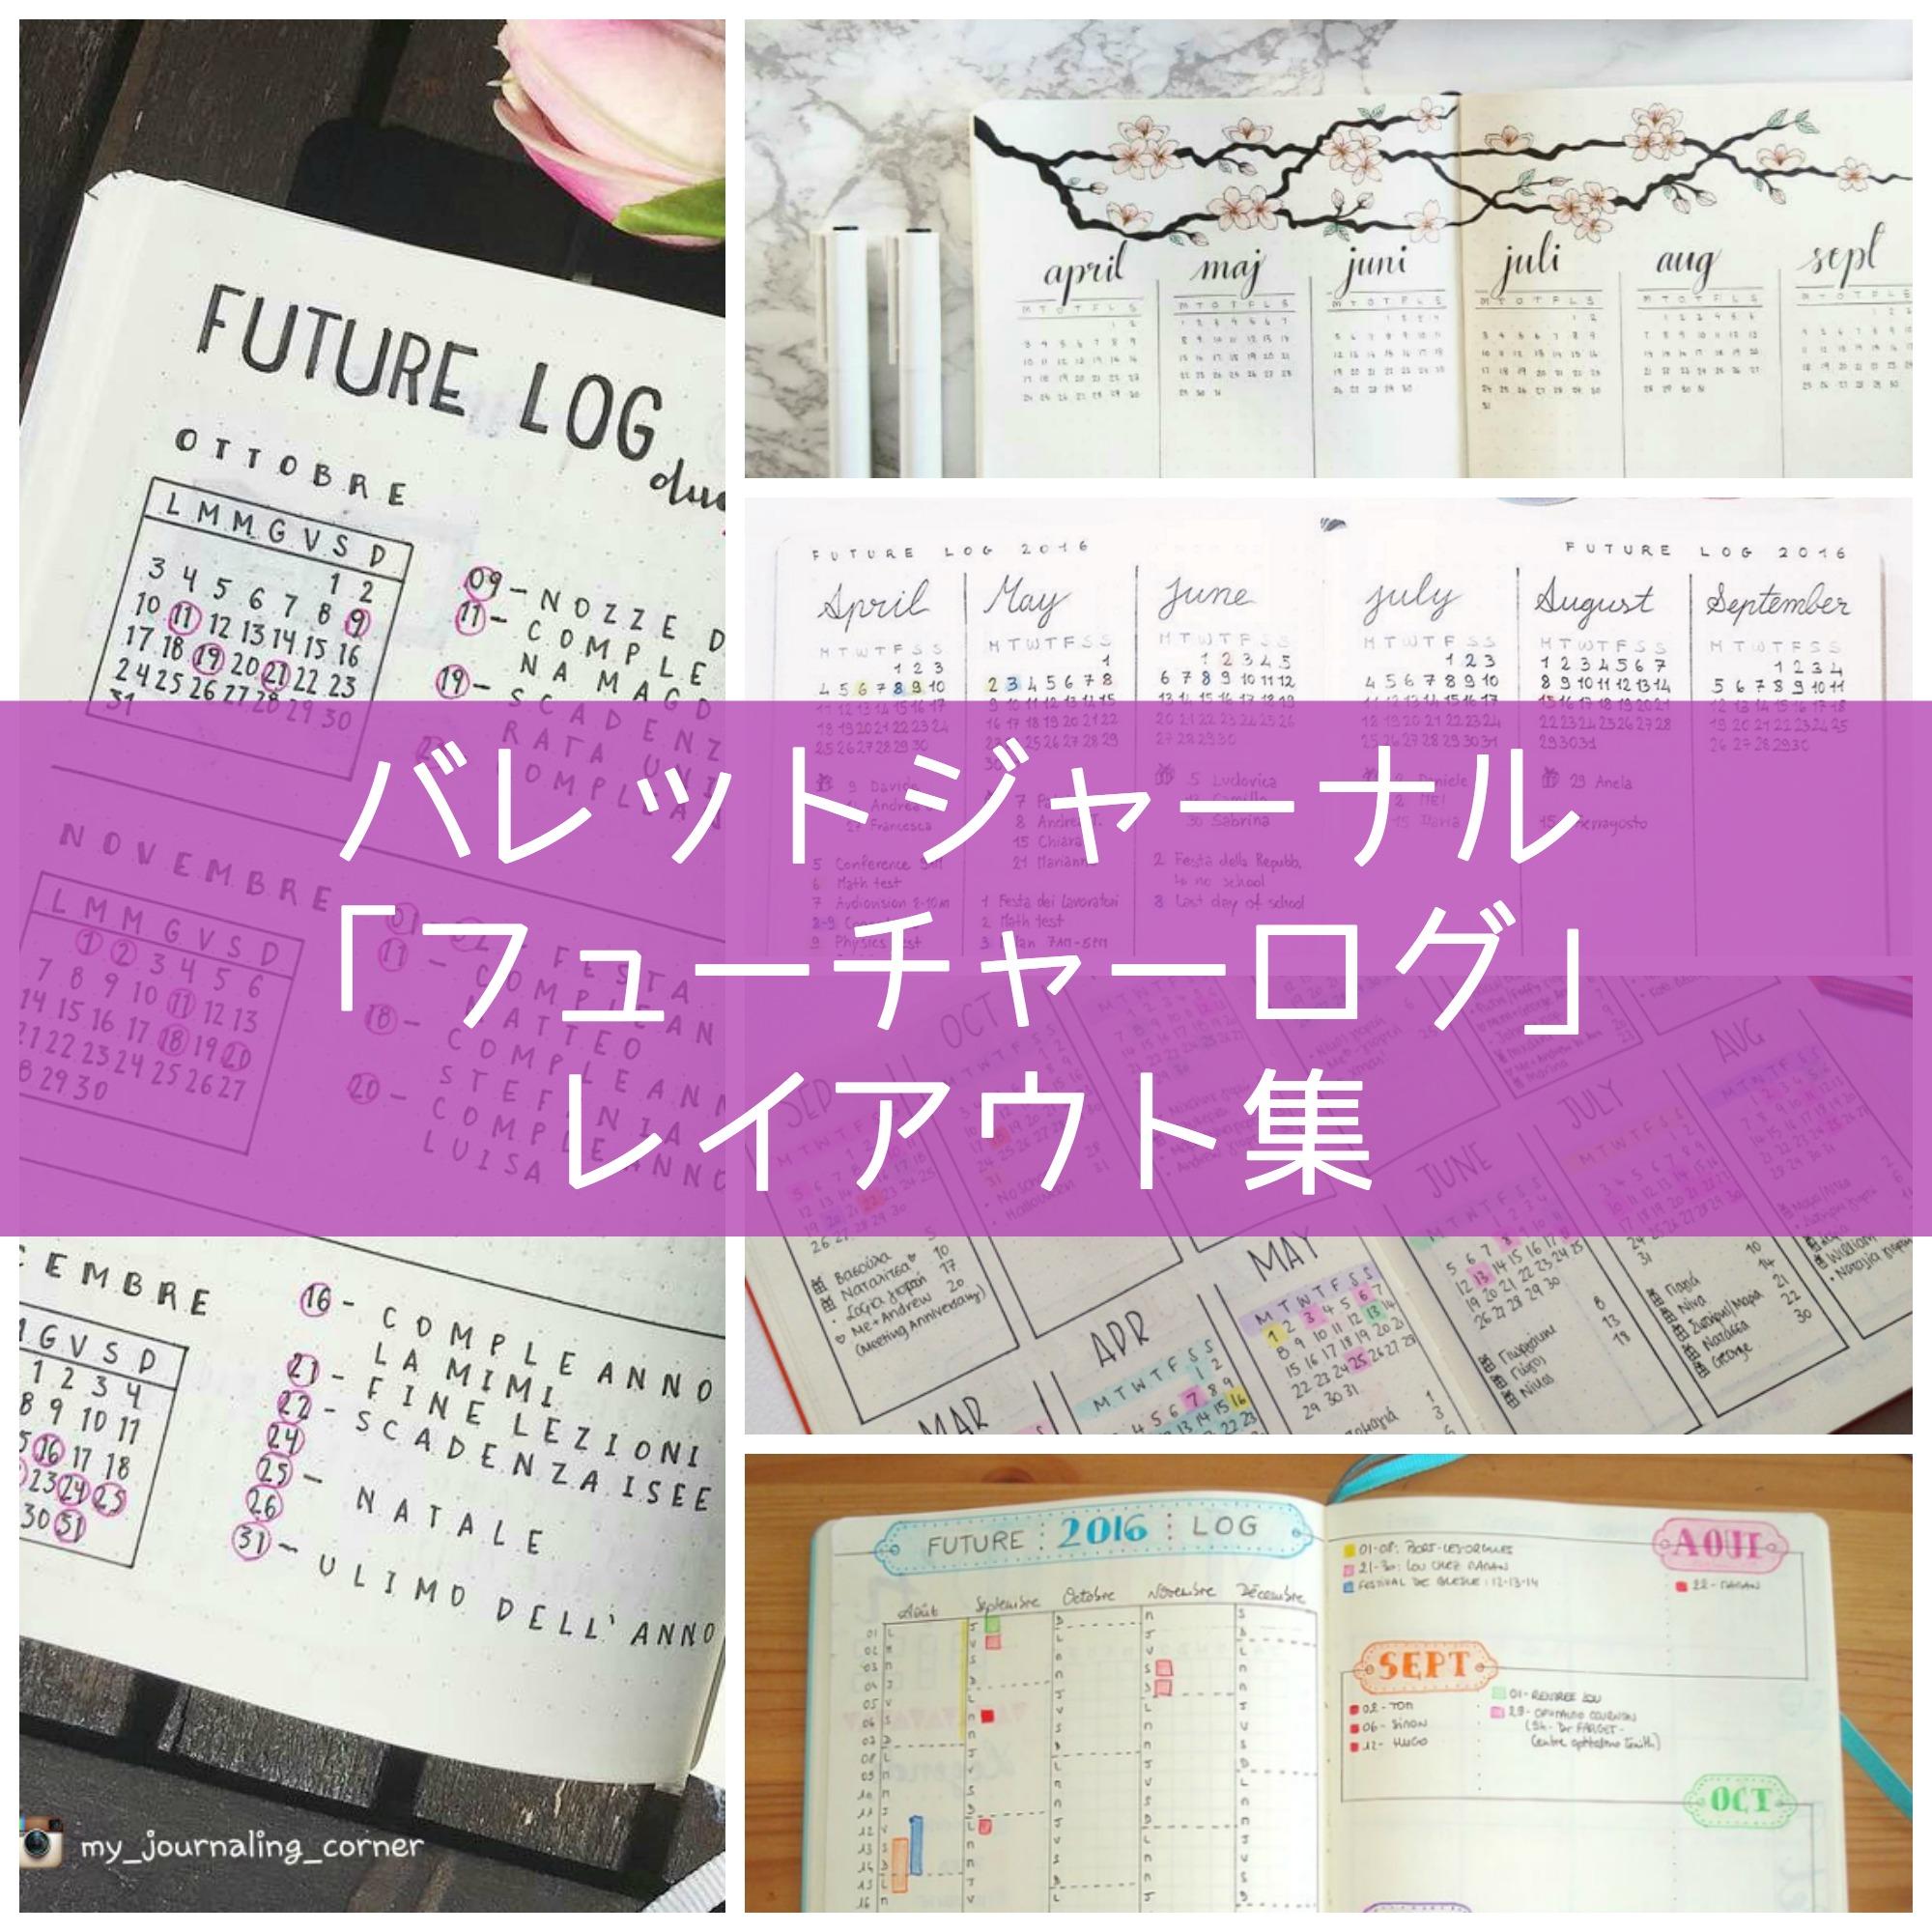 バレットジャーナル【フューチャーログ】レイアウト・デザイン54選